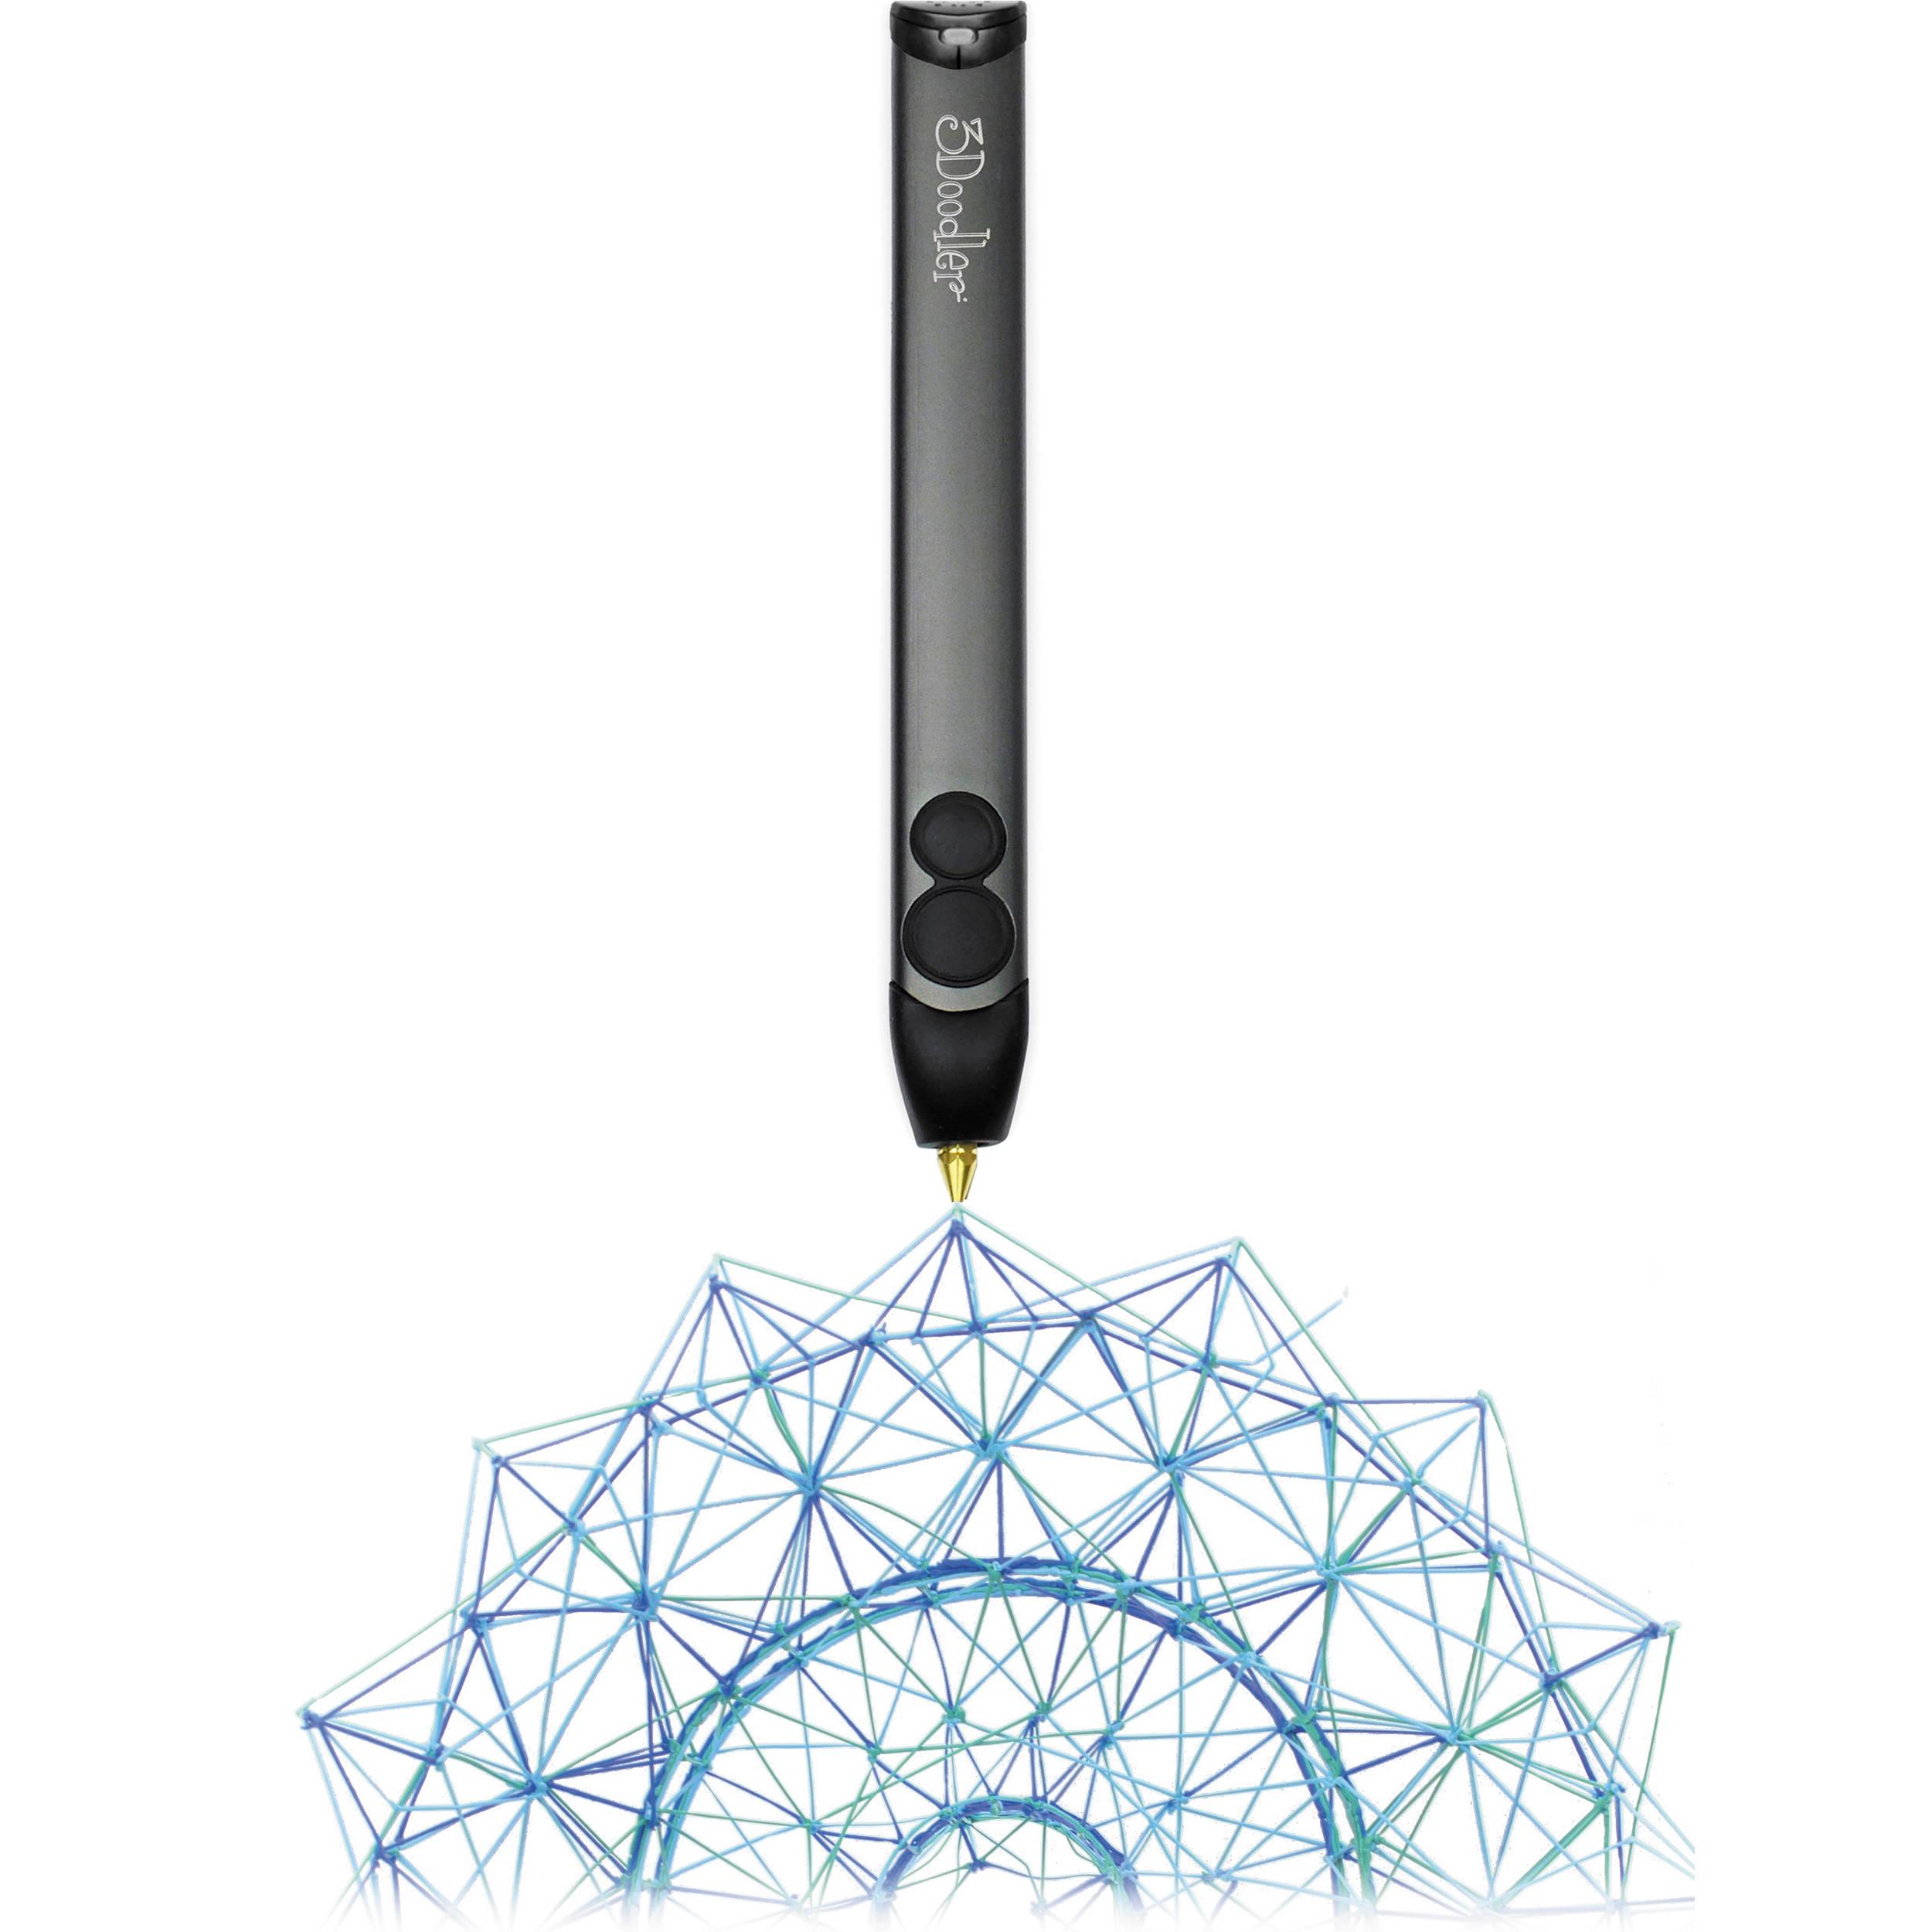 3Doodler 2.0 3D Printing Pen with ABS & PLA 3DOOD-V2-US B&H